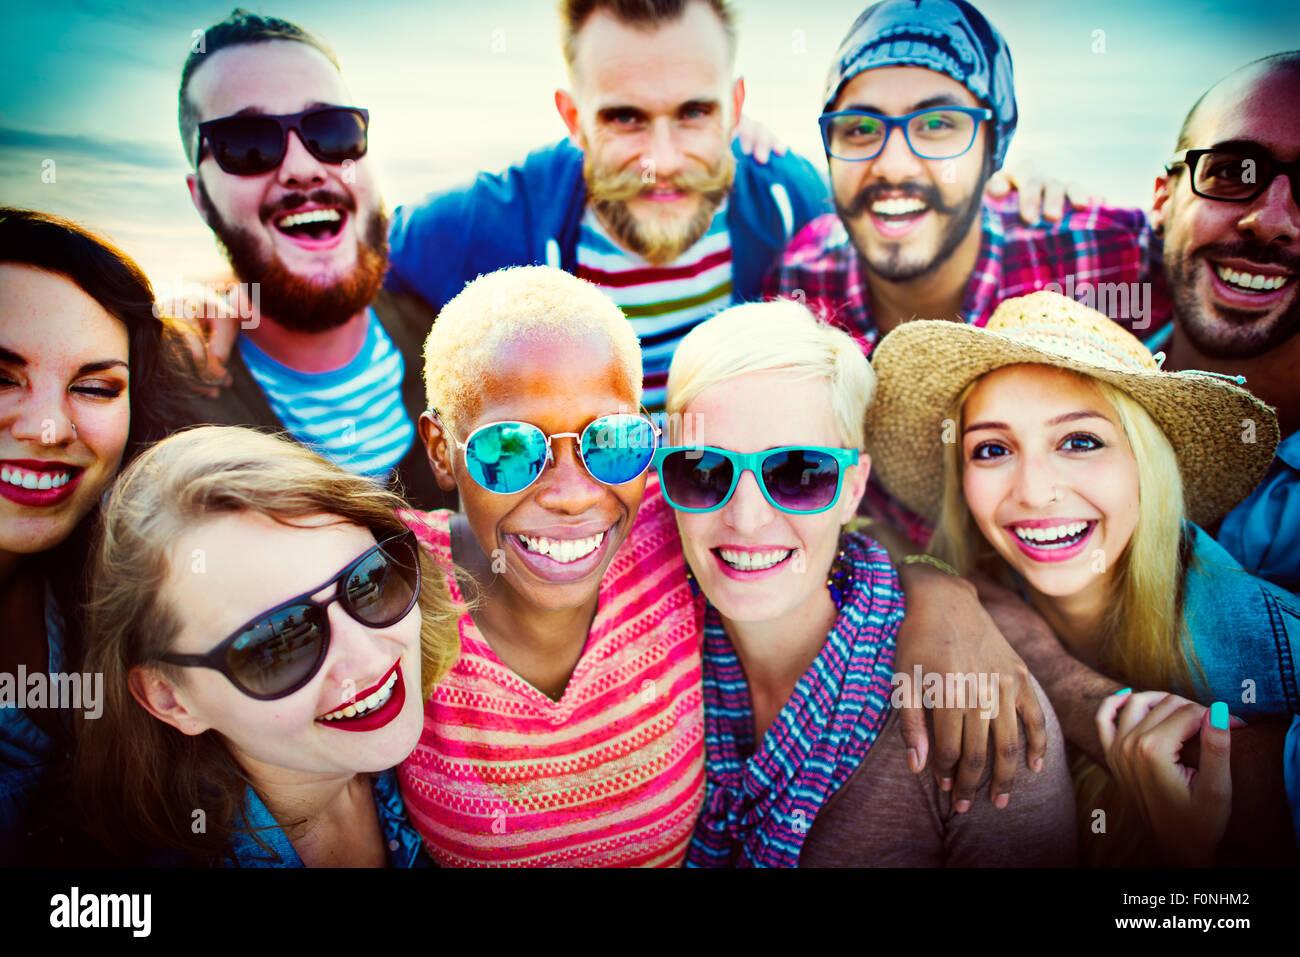 Fiesta en la playa compañerismo amistad felicidad Concepto de verano Imagen De Stock